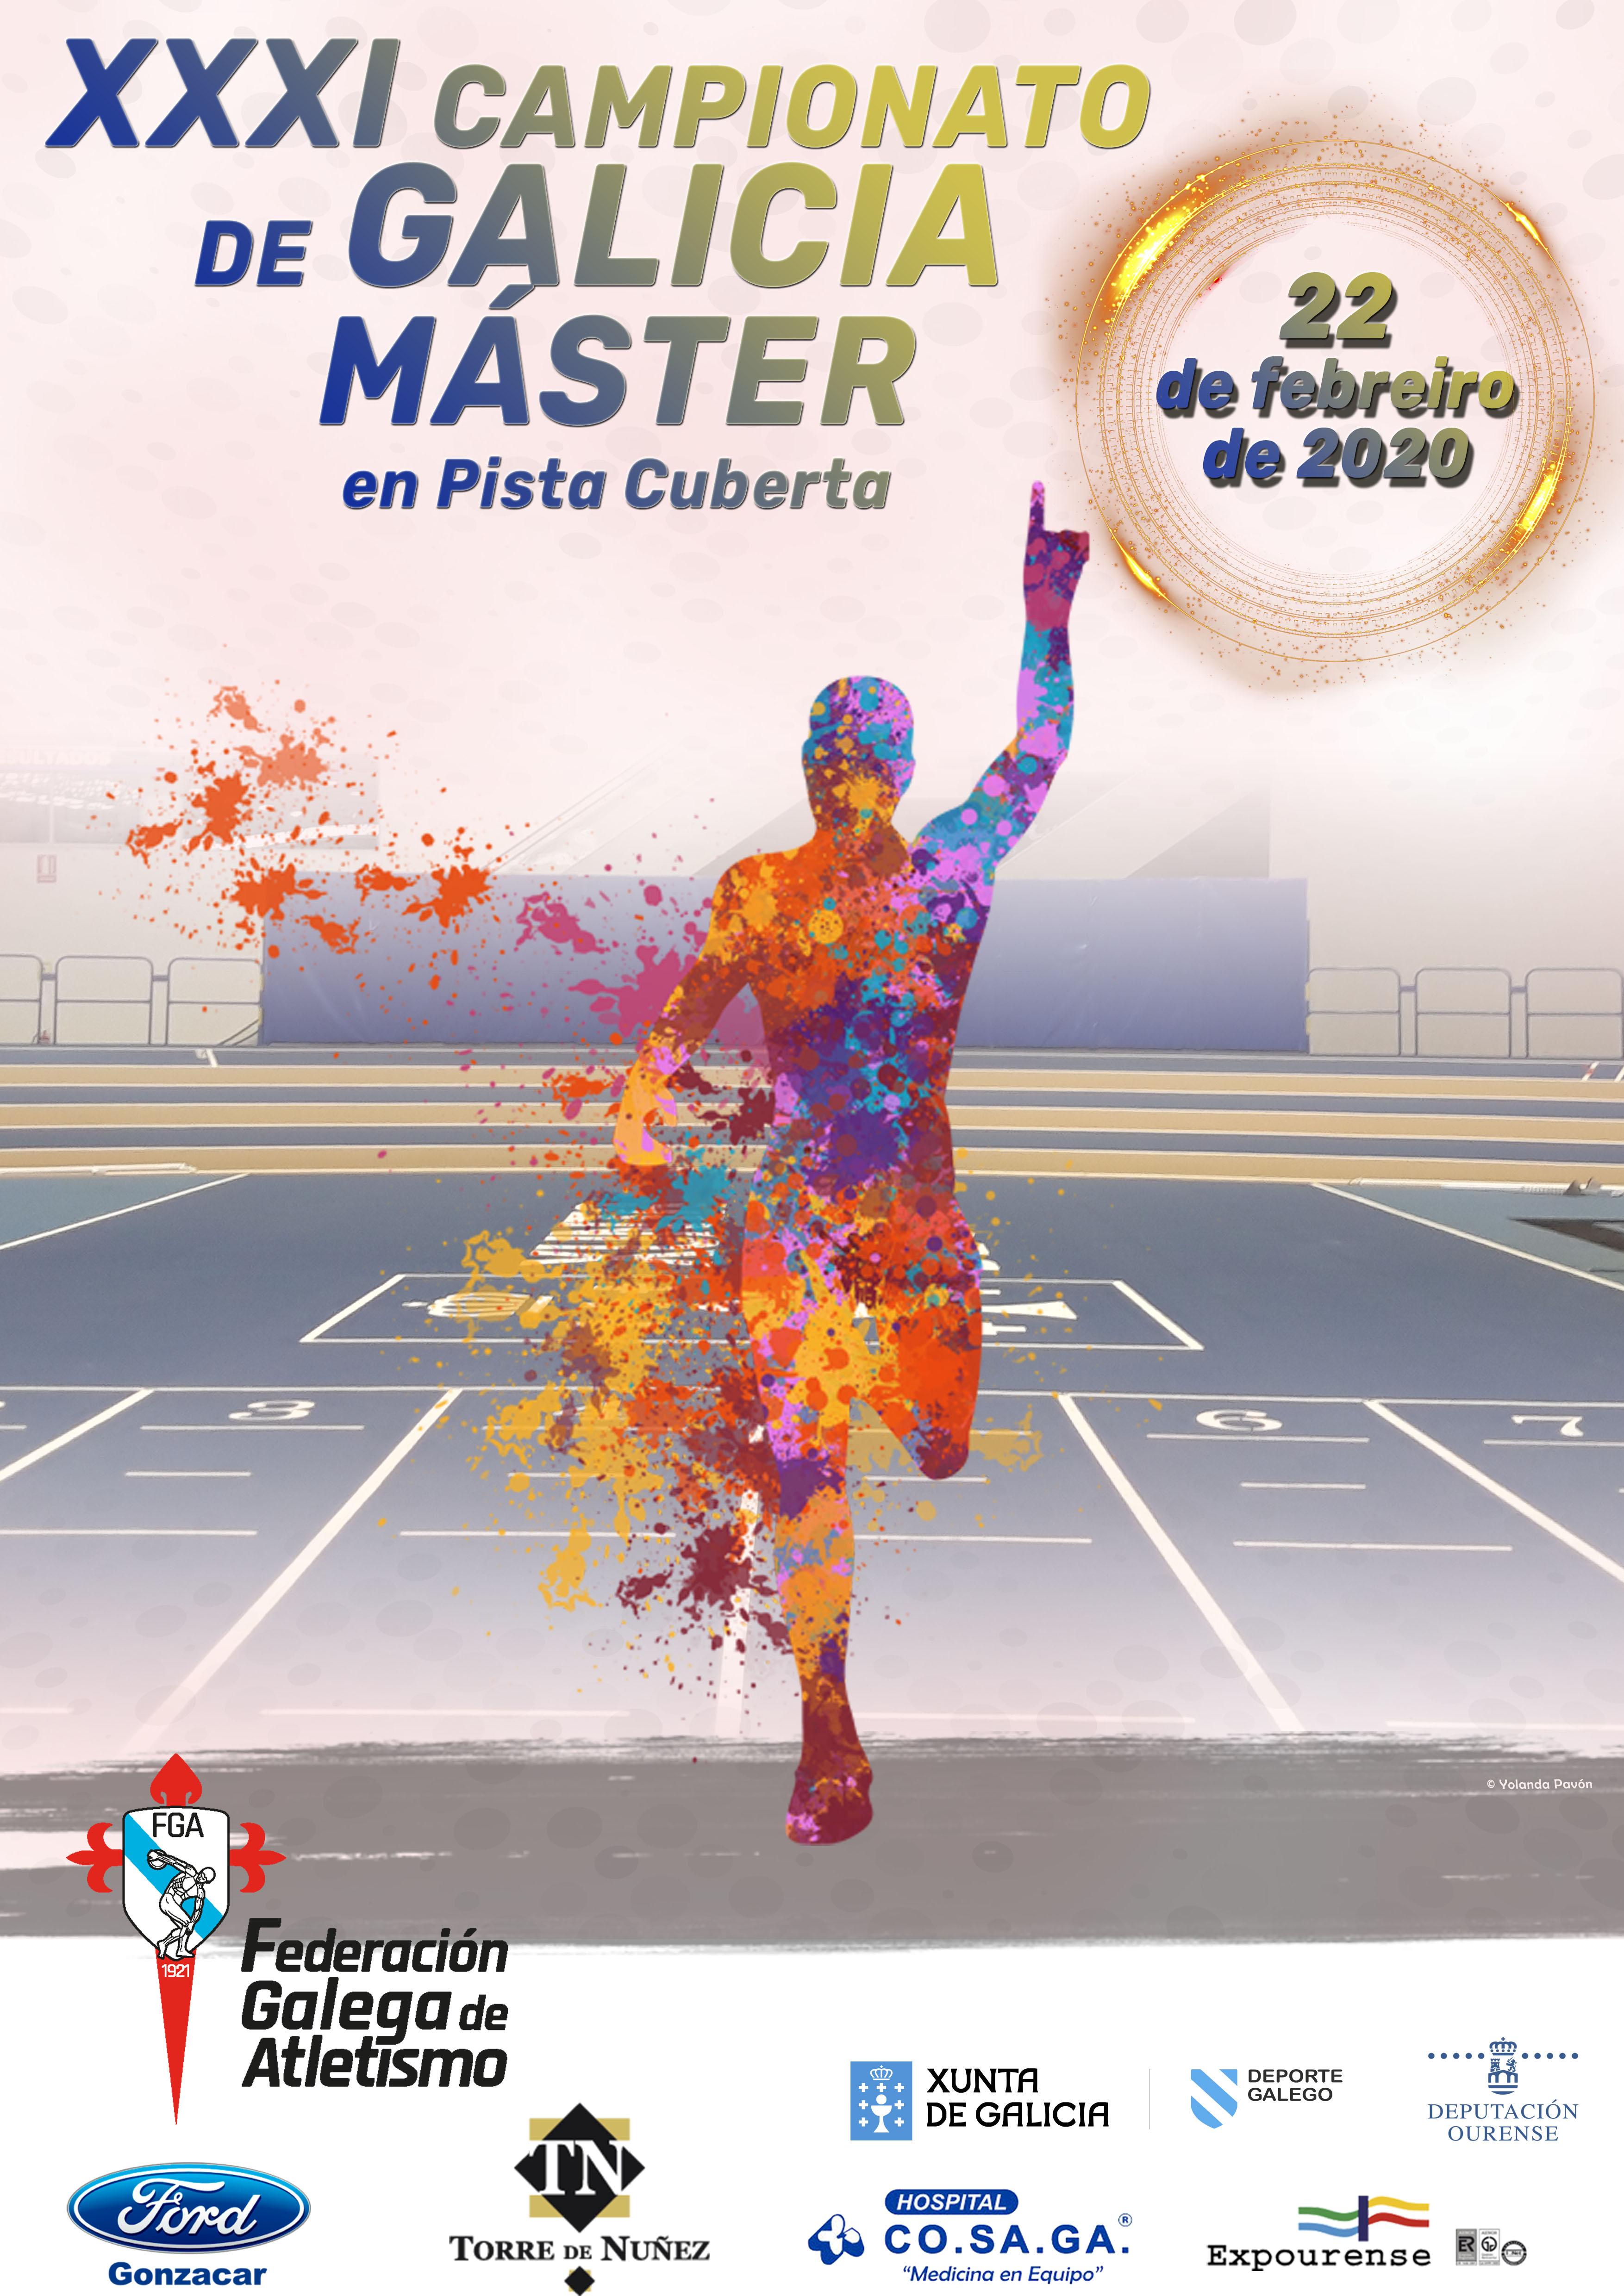 XXXI Campionato de Galicia Máster en Pista Cuberta